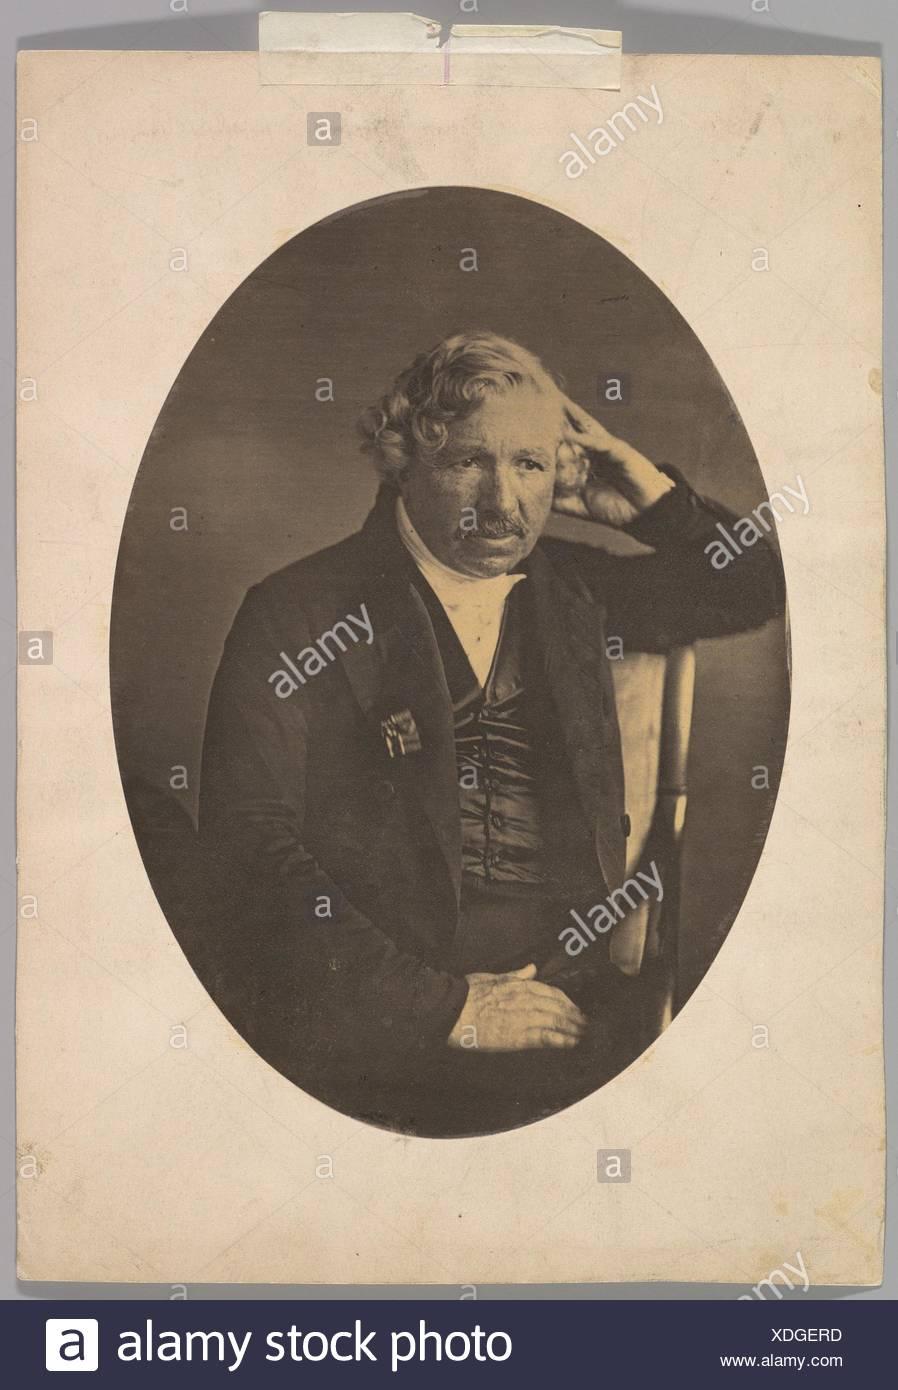 Louis-Jacques-Mandé Daguerre. Artist: John Jabez Edwin Mayall (British, Oldham, Lancashire 1813-1901 West Sussex); Person in Photograph: - Stock Image